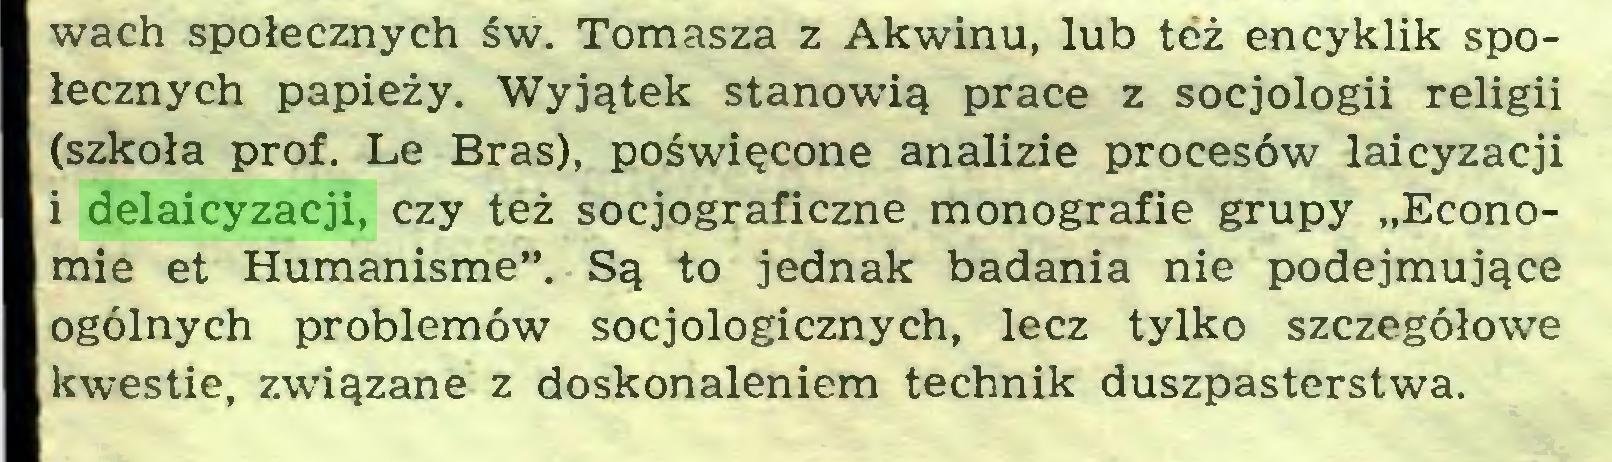 """(...) wach społecznych św. Tomasza z Akwinu, lub też encyklik społecznych papieży. Wyjątek stanowią prace z socjologii religii (szkoła prof. Le Bras), poświęcone analizie procesów laicyzacji i delaicyzacji, czy też socjograficzne monografie grupy """"Economie et Humanisme"""". Są to jednak badania nie podejmujące ogólnych problemów socjologicznych, lecz tylko szczegółowe kwestie, związane z doskonaleniem technik duszpasterstwa..."""